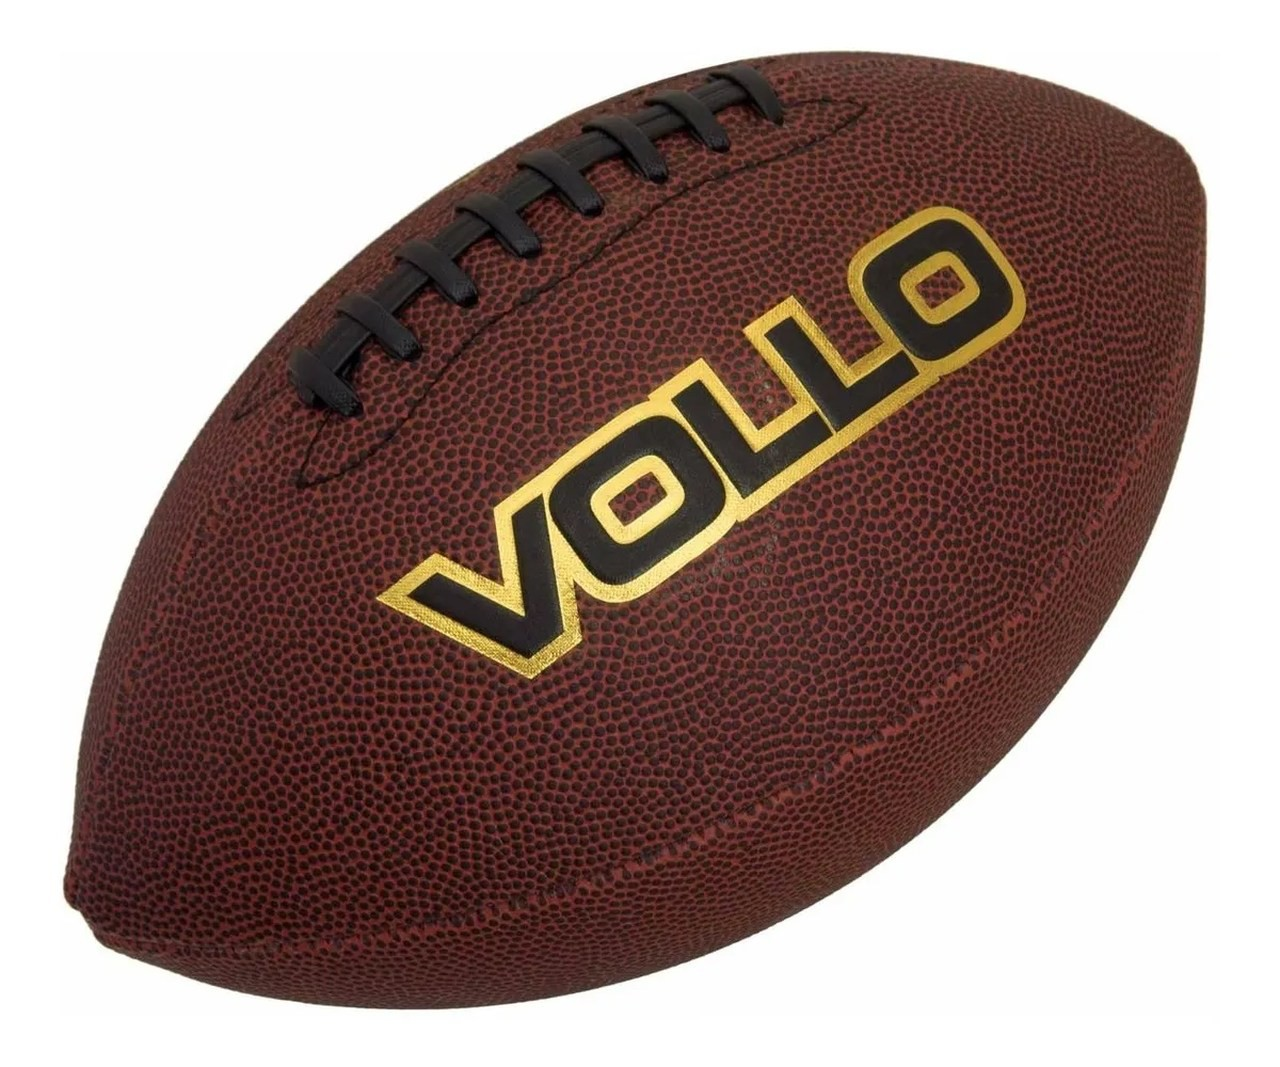 Bola De Futebol Americano Marrom Original (9) - Vollo Vf001